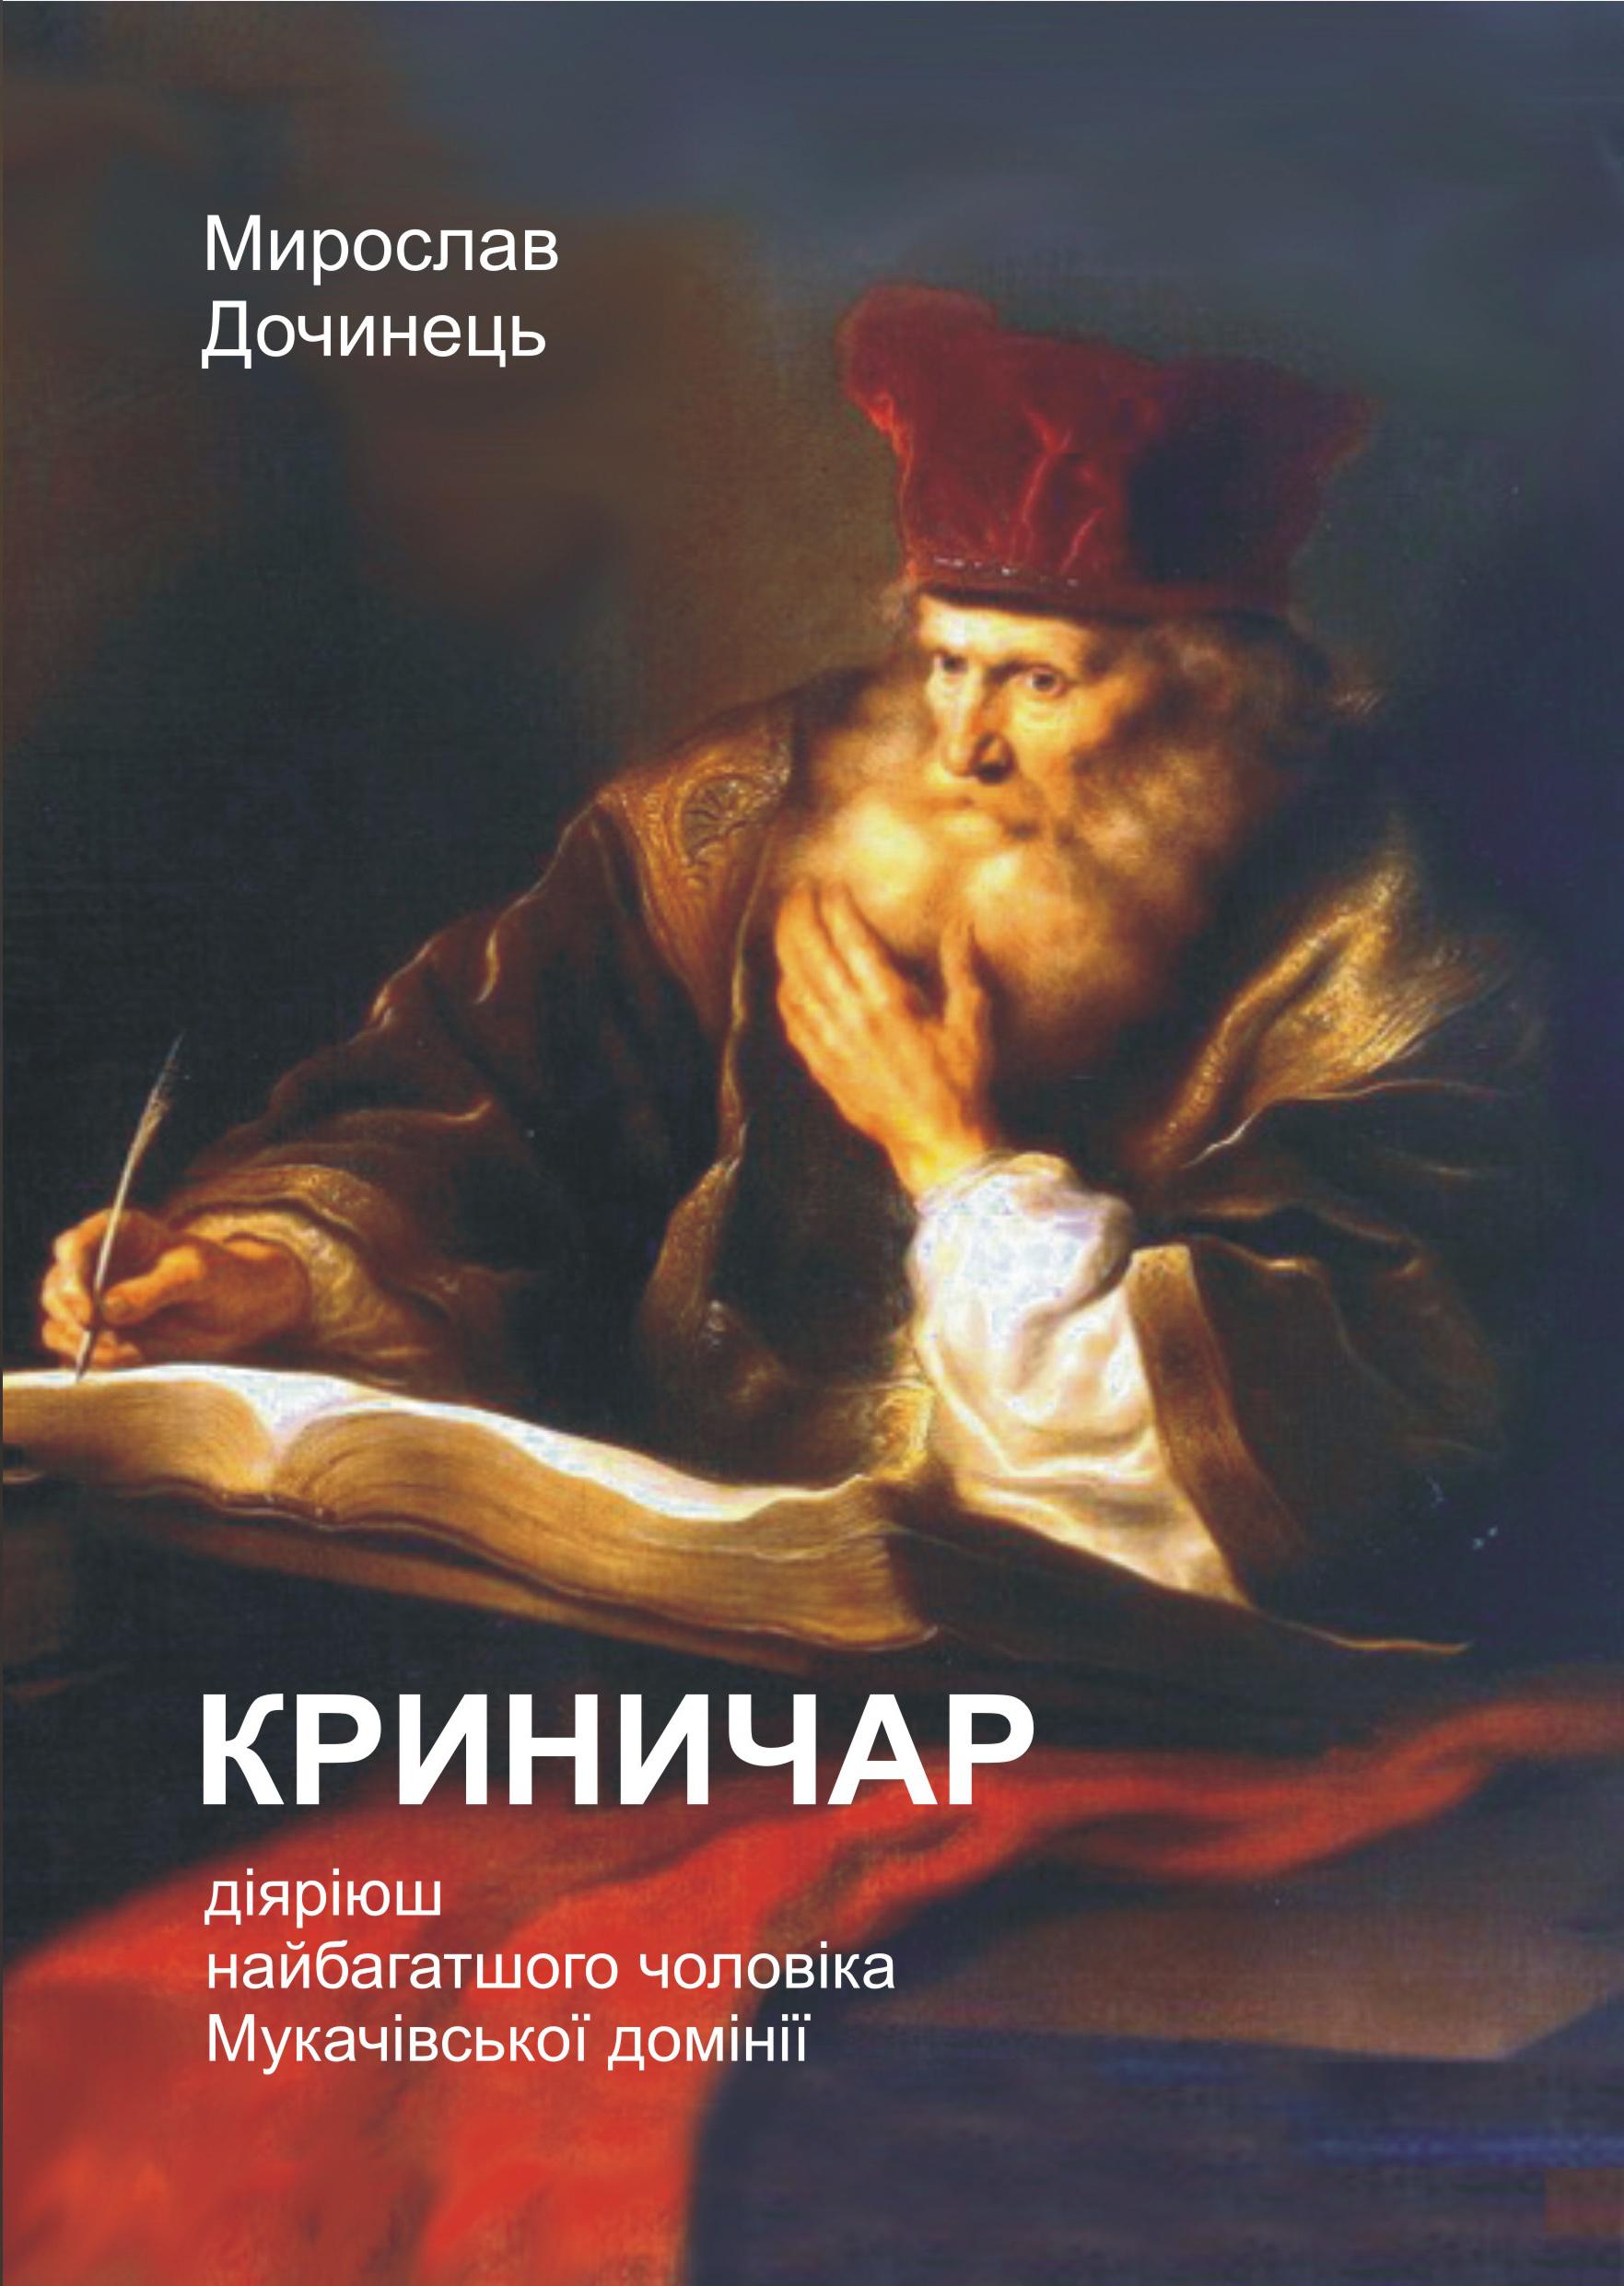 захватывающий сюжет в книге Мирослав Дочинець